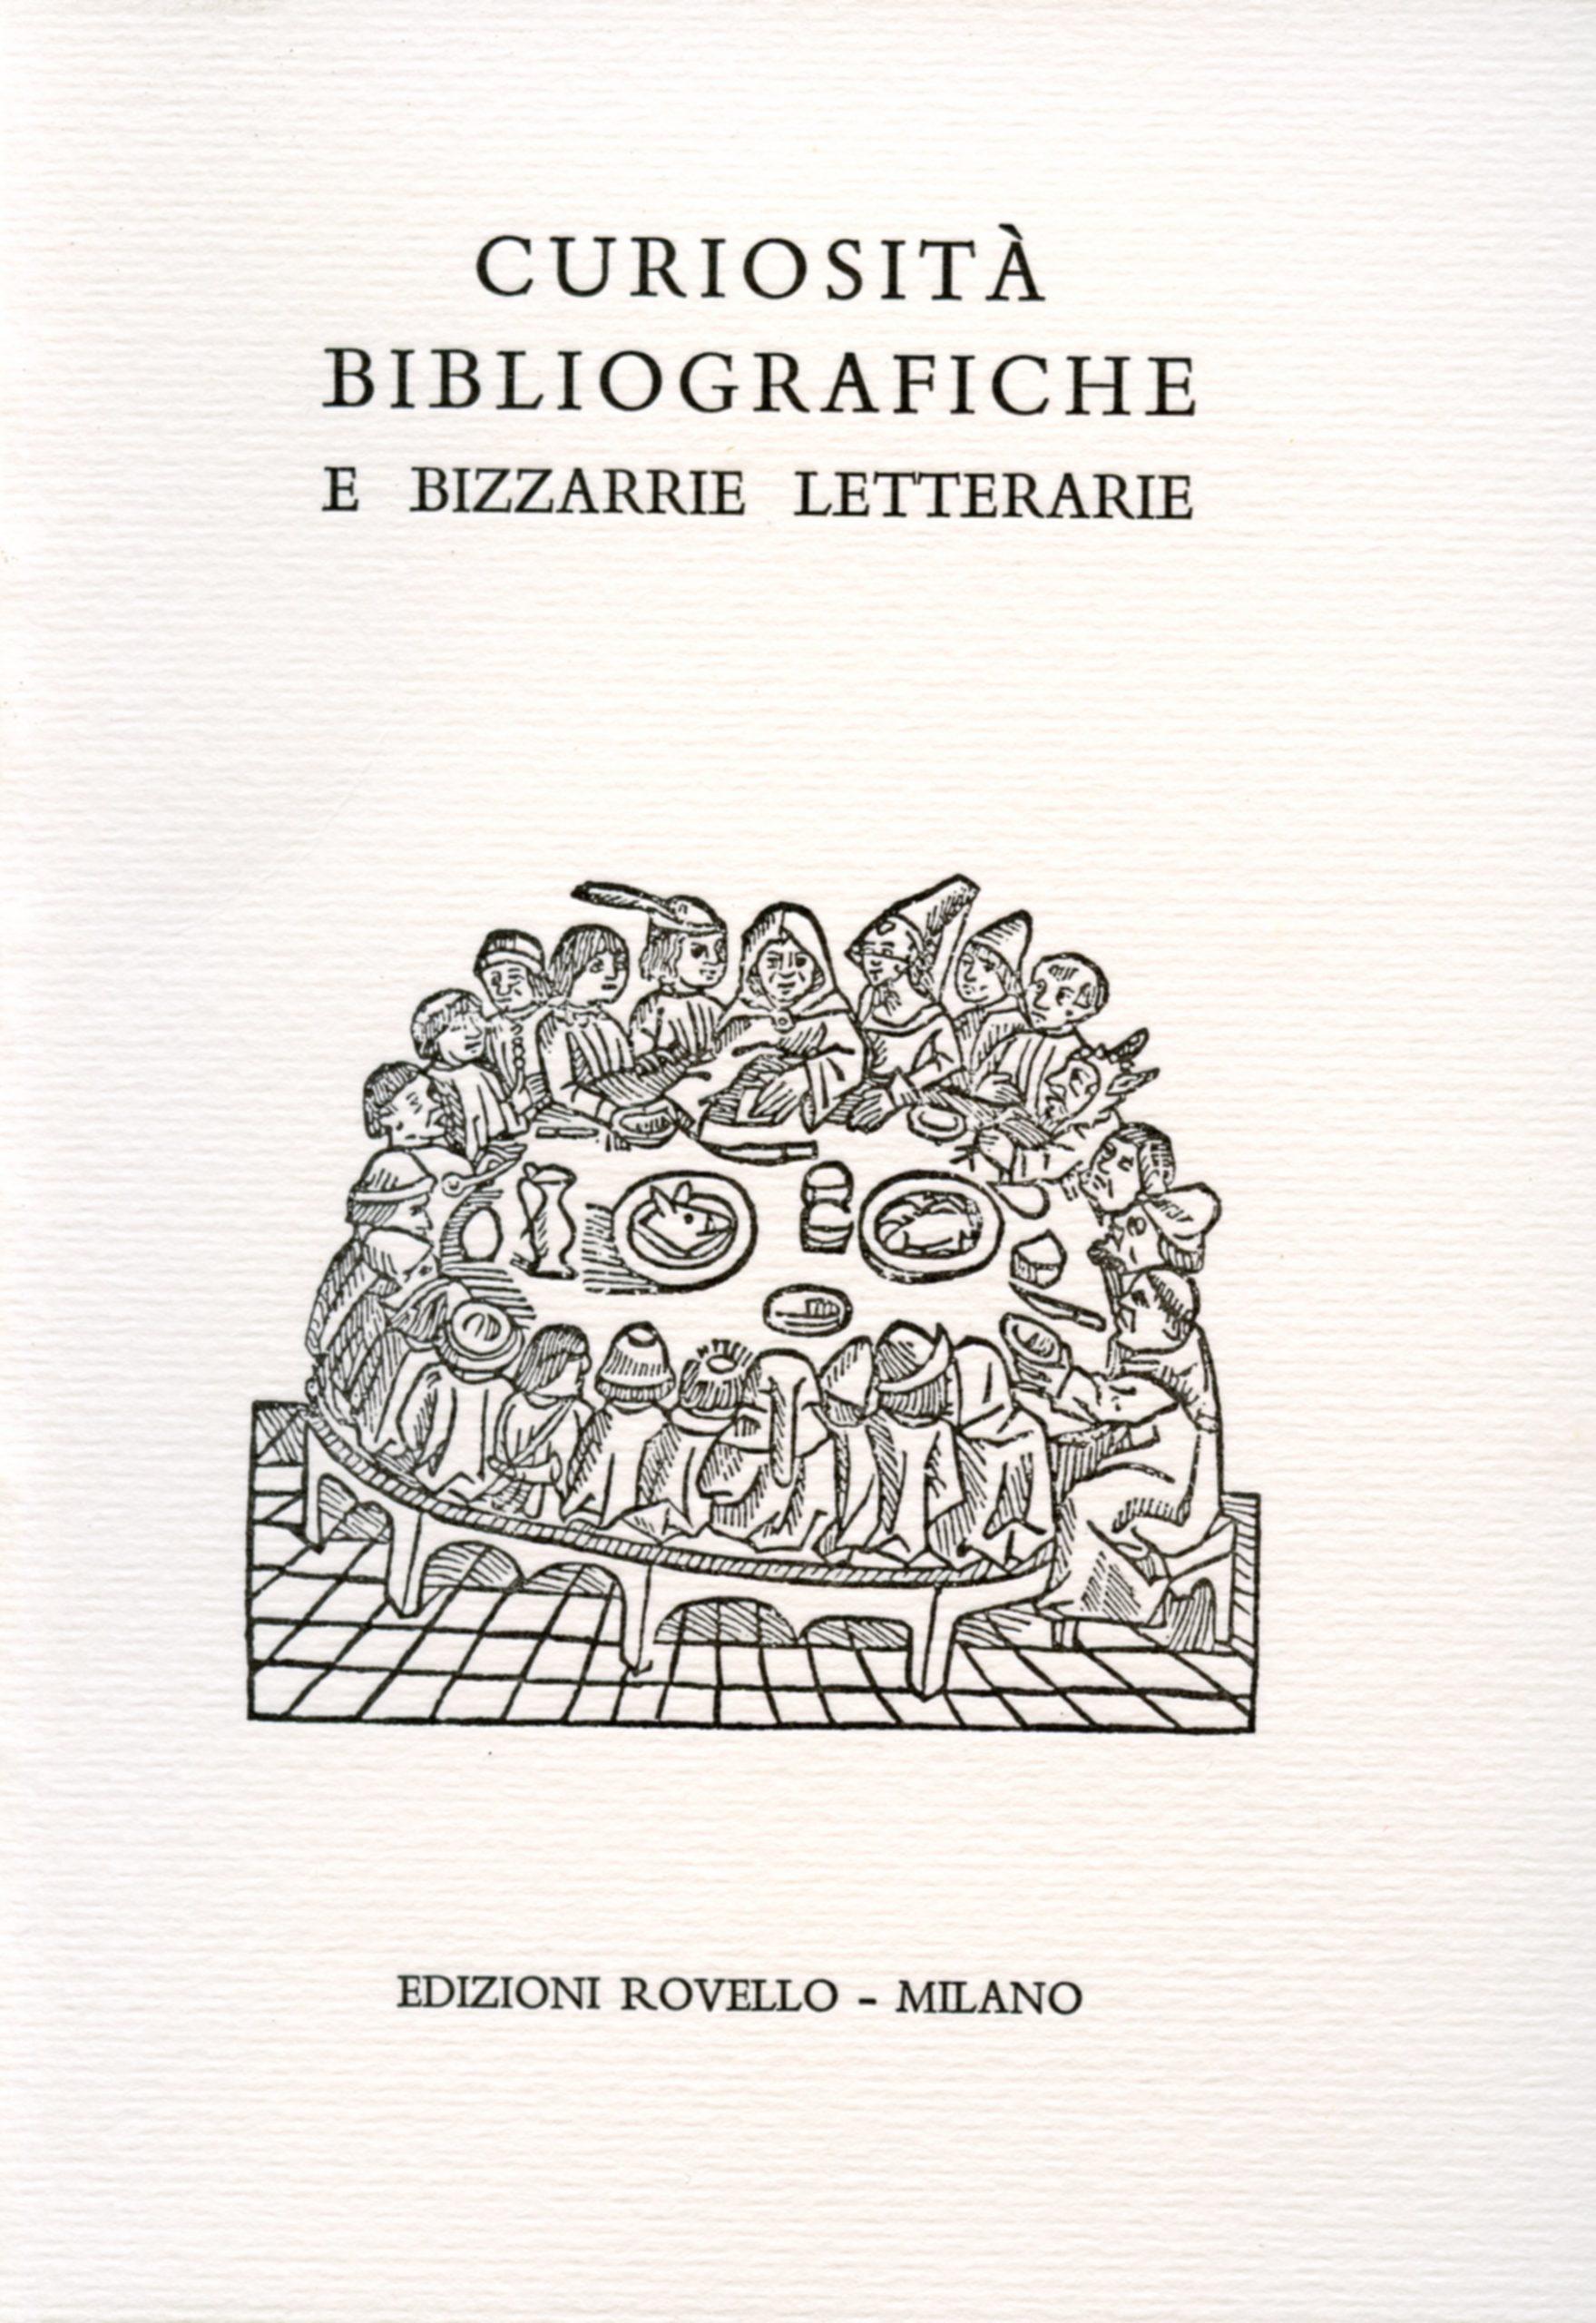 16. Curiosità bibliografiche e bizzarie letterarie (2005)